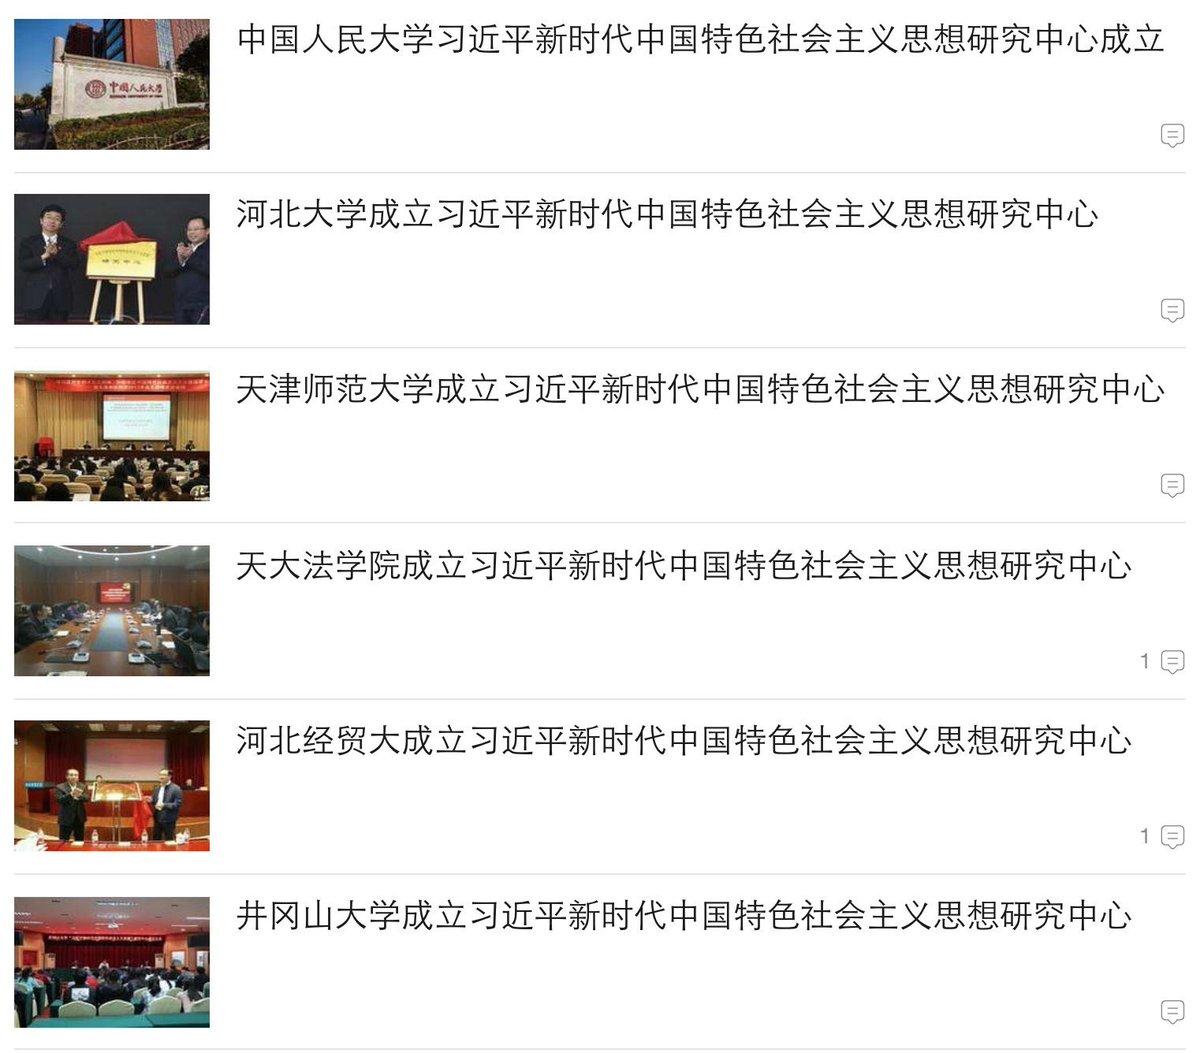 【图说天朝】习近平思想研究中心陆续成立